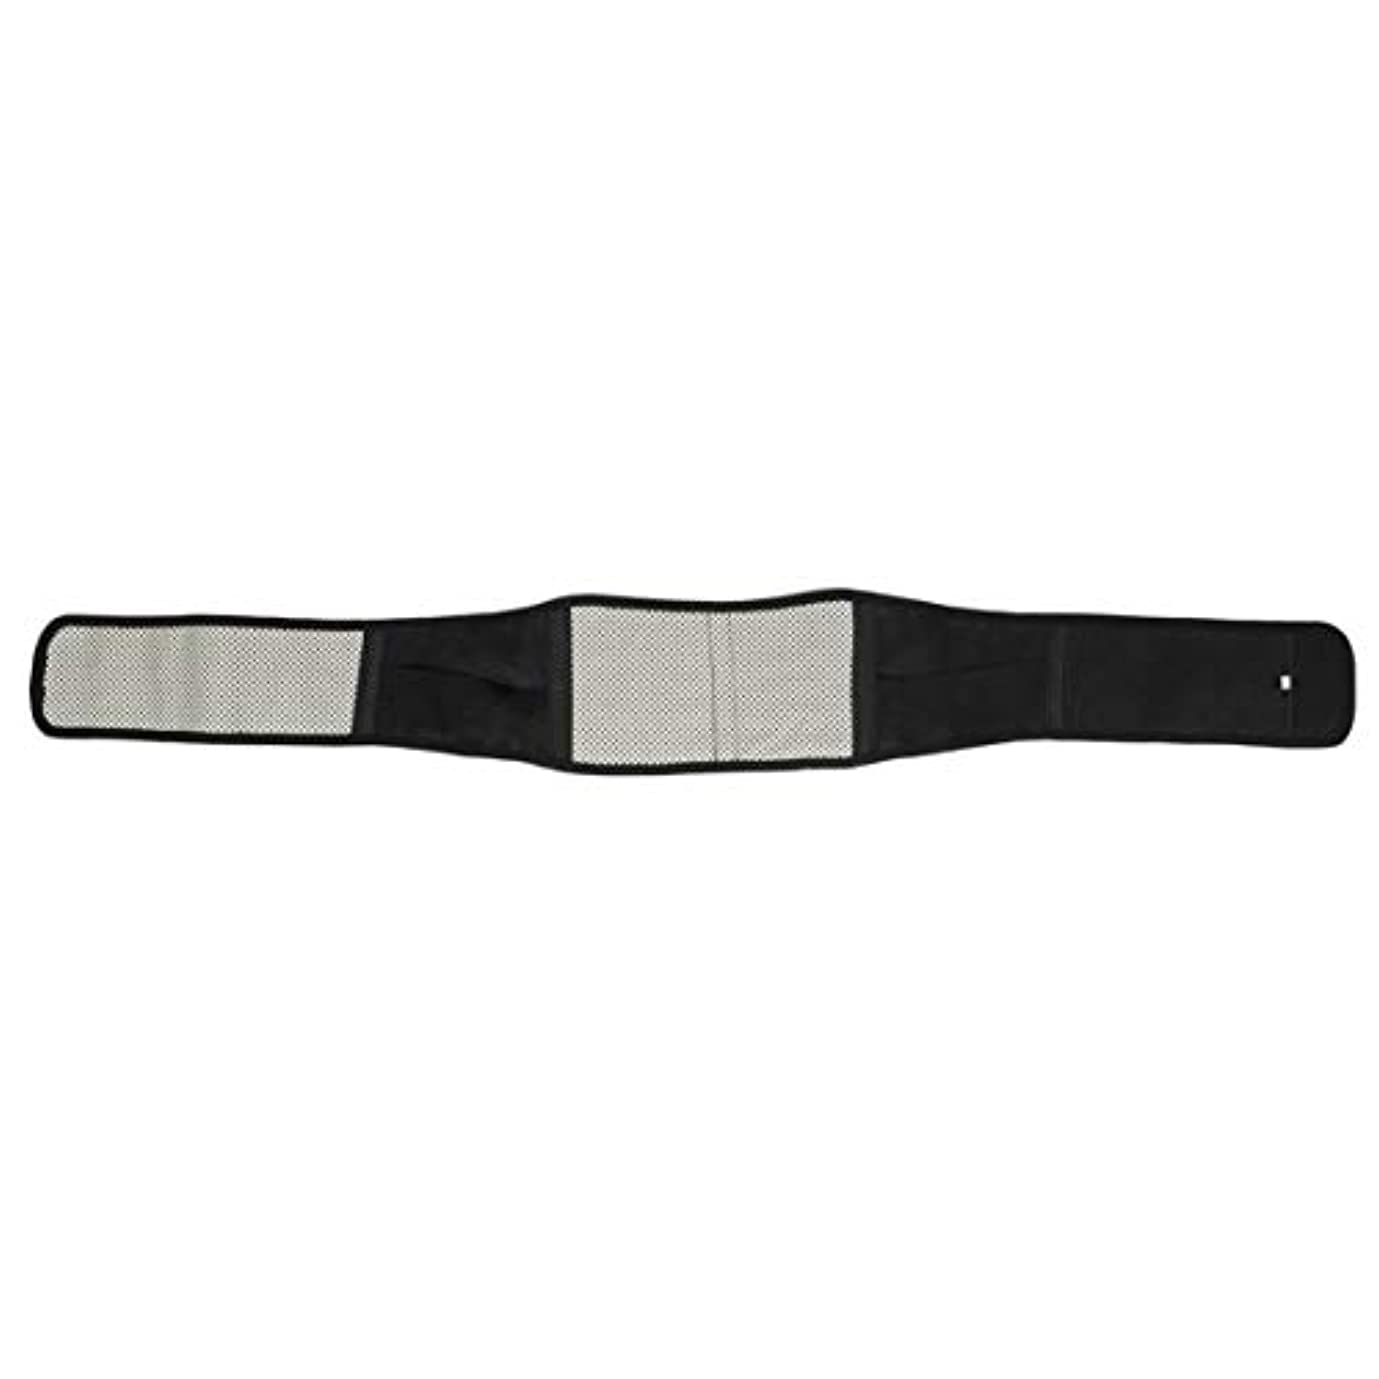 深遠寄託結核腰部サポート痛みマッサージャー赤外線磁気バックブレース自己加熱療法ウエストベルト調節可能な姿勢ベルト